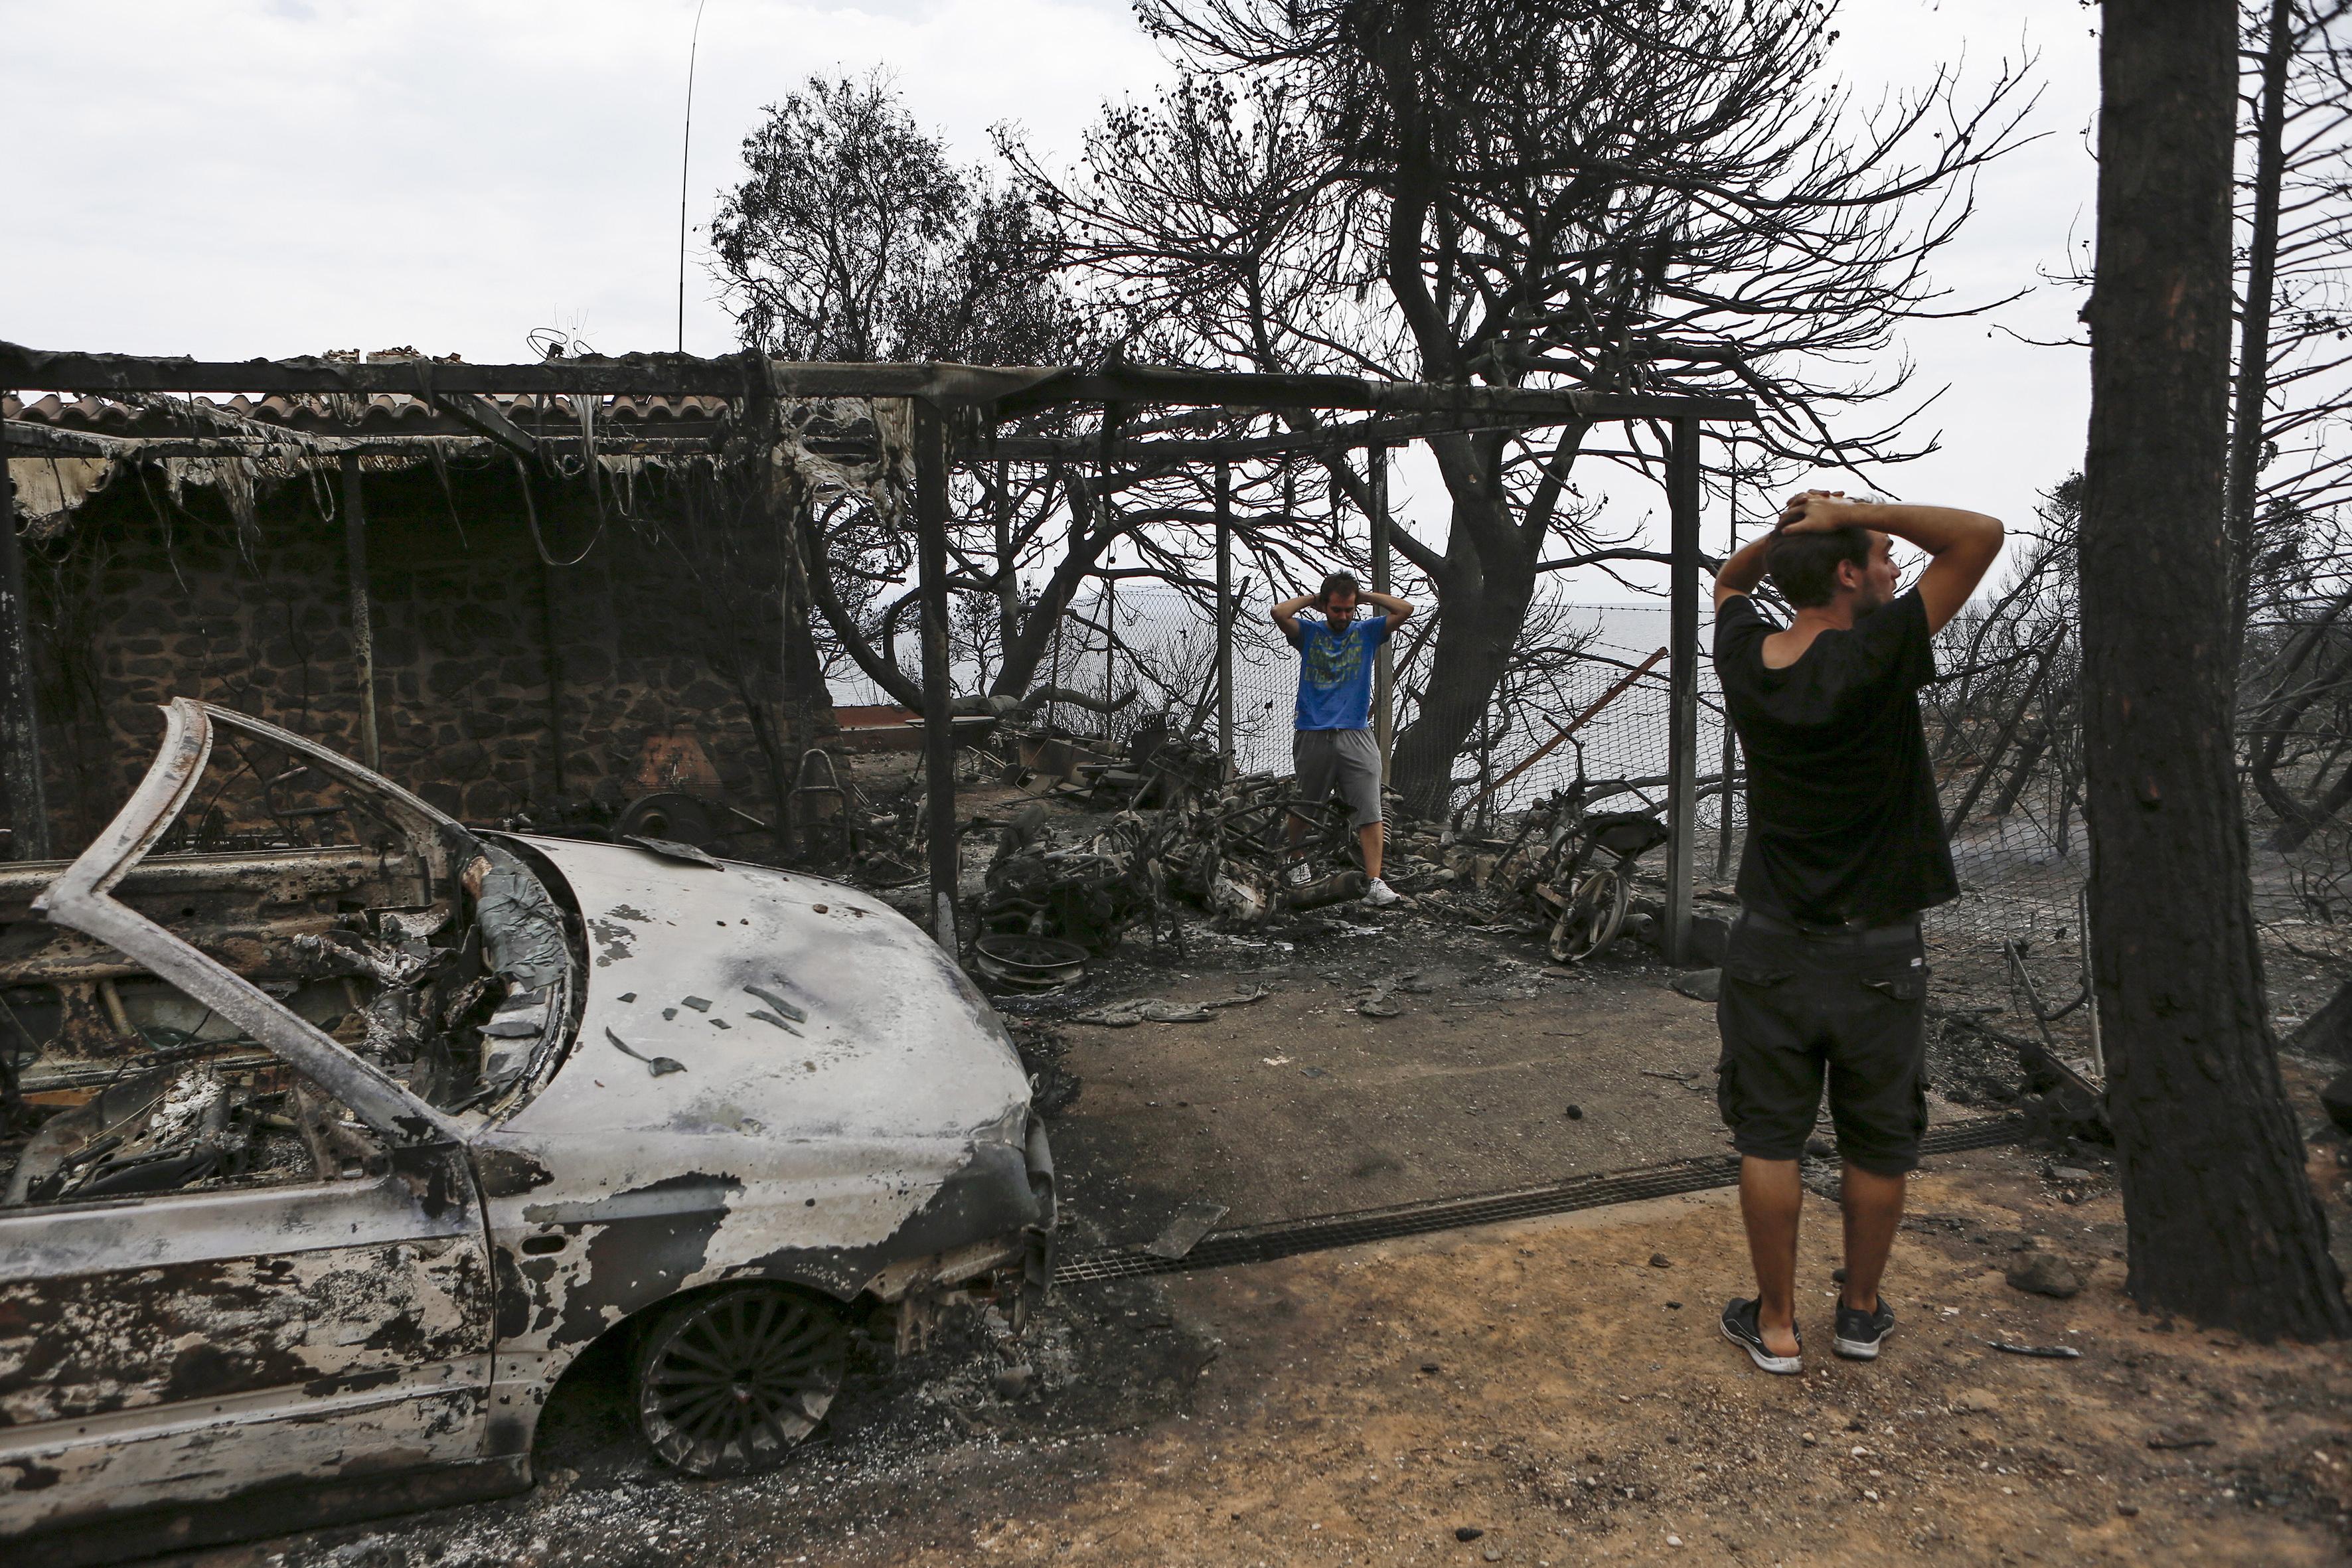 Опожарени са 1 000 къщи и 300 автомобила. Има опасения, че броят на жертвите може да се увеличи.